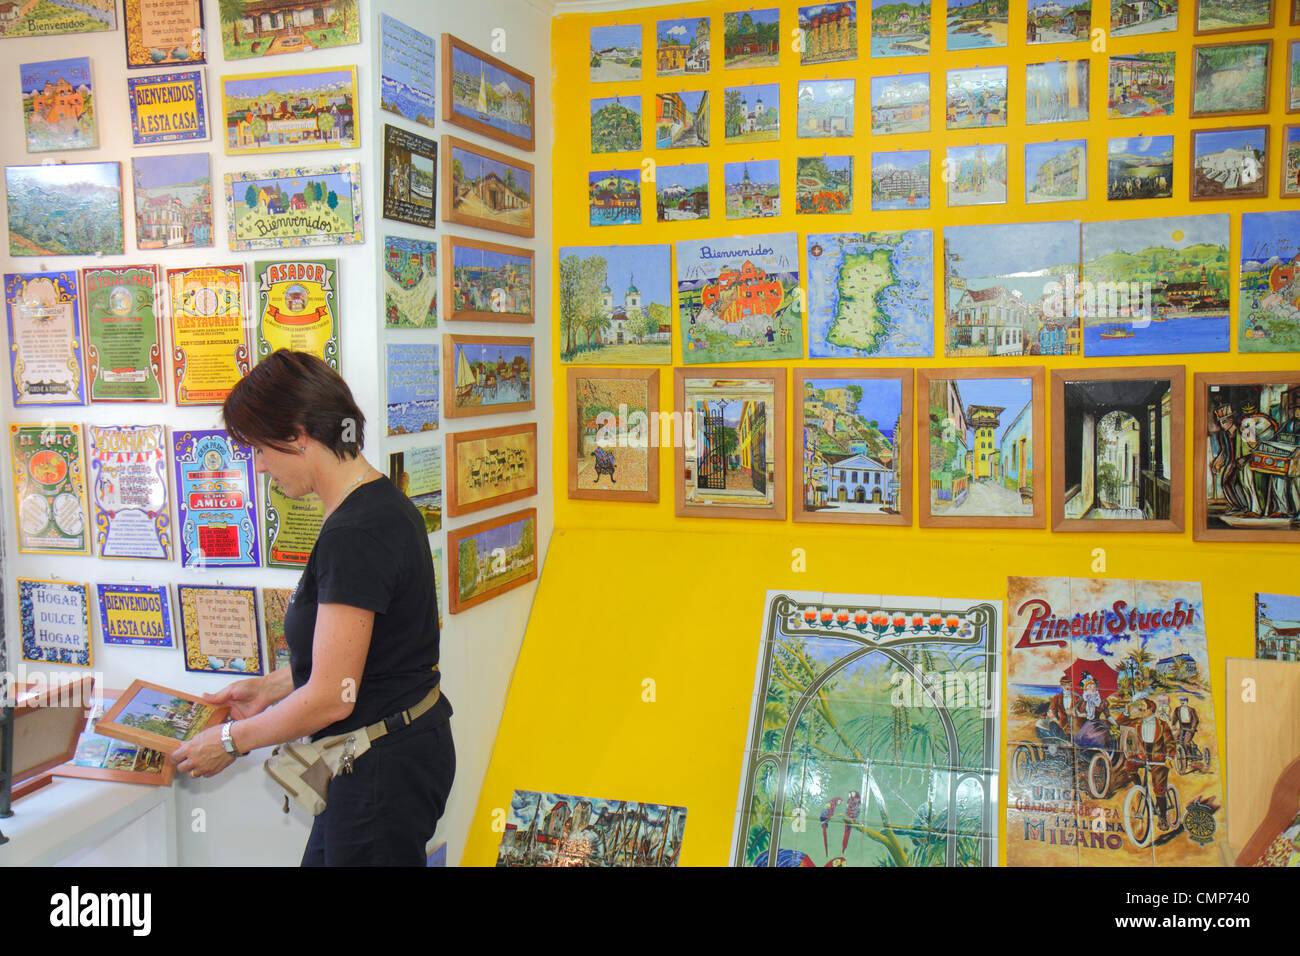 Santiago del cile las condes plaza los dominicos souvenir shopping